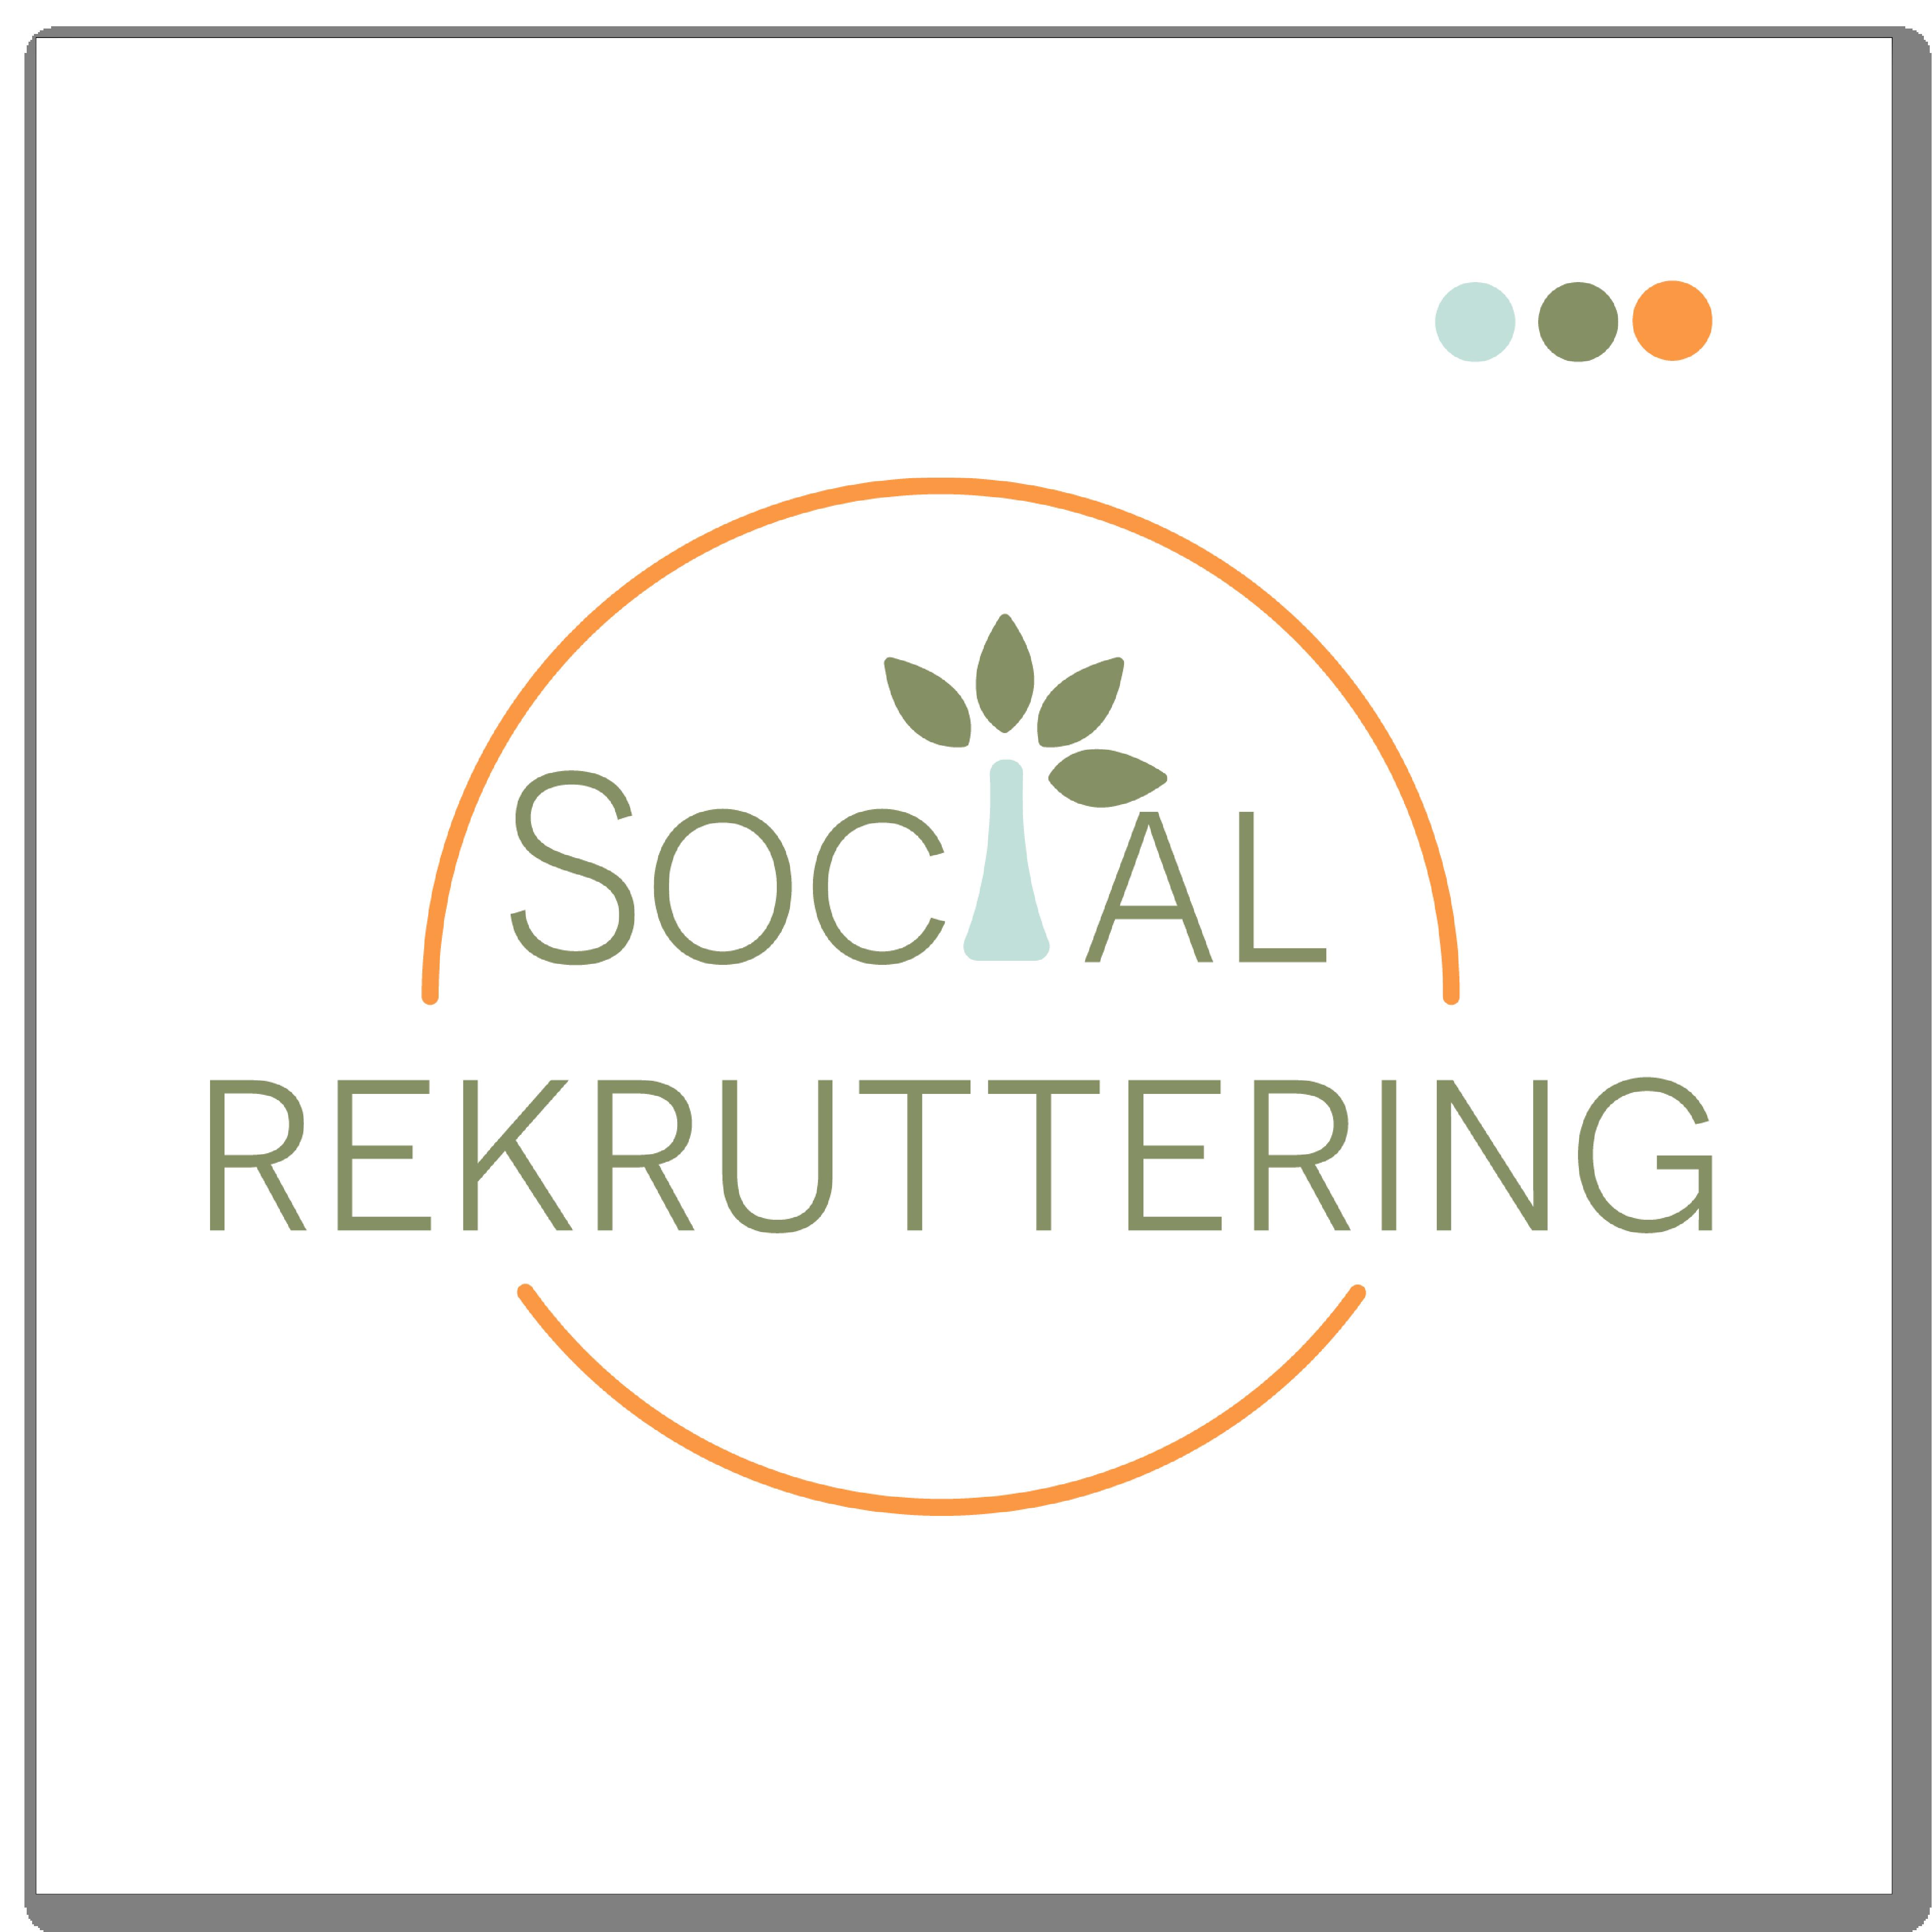 visuel_identitet_social_rekruttering_5